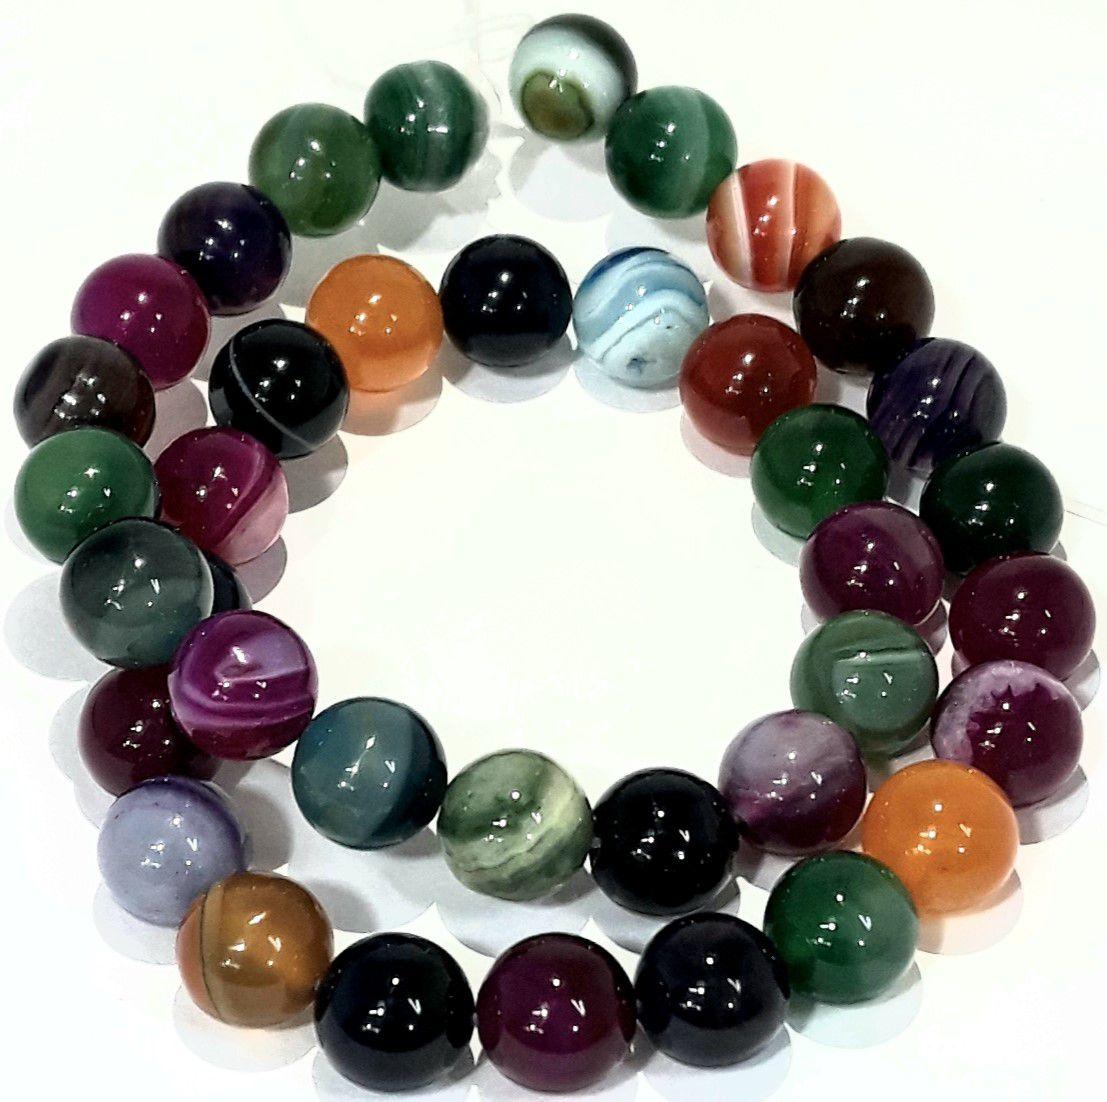 Pedra Mix de Agata - PED1080